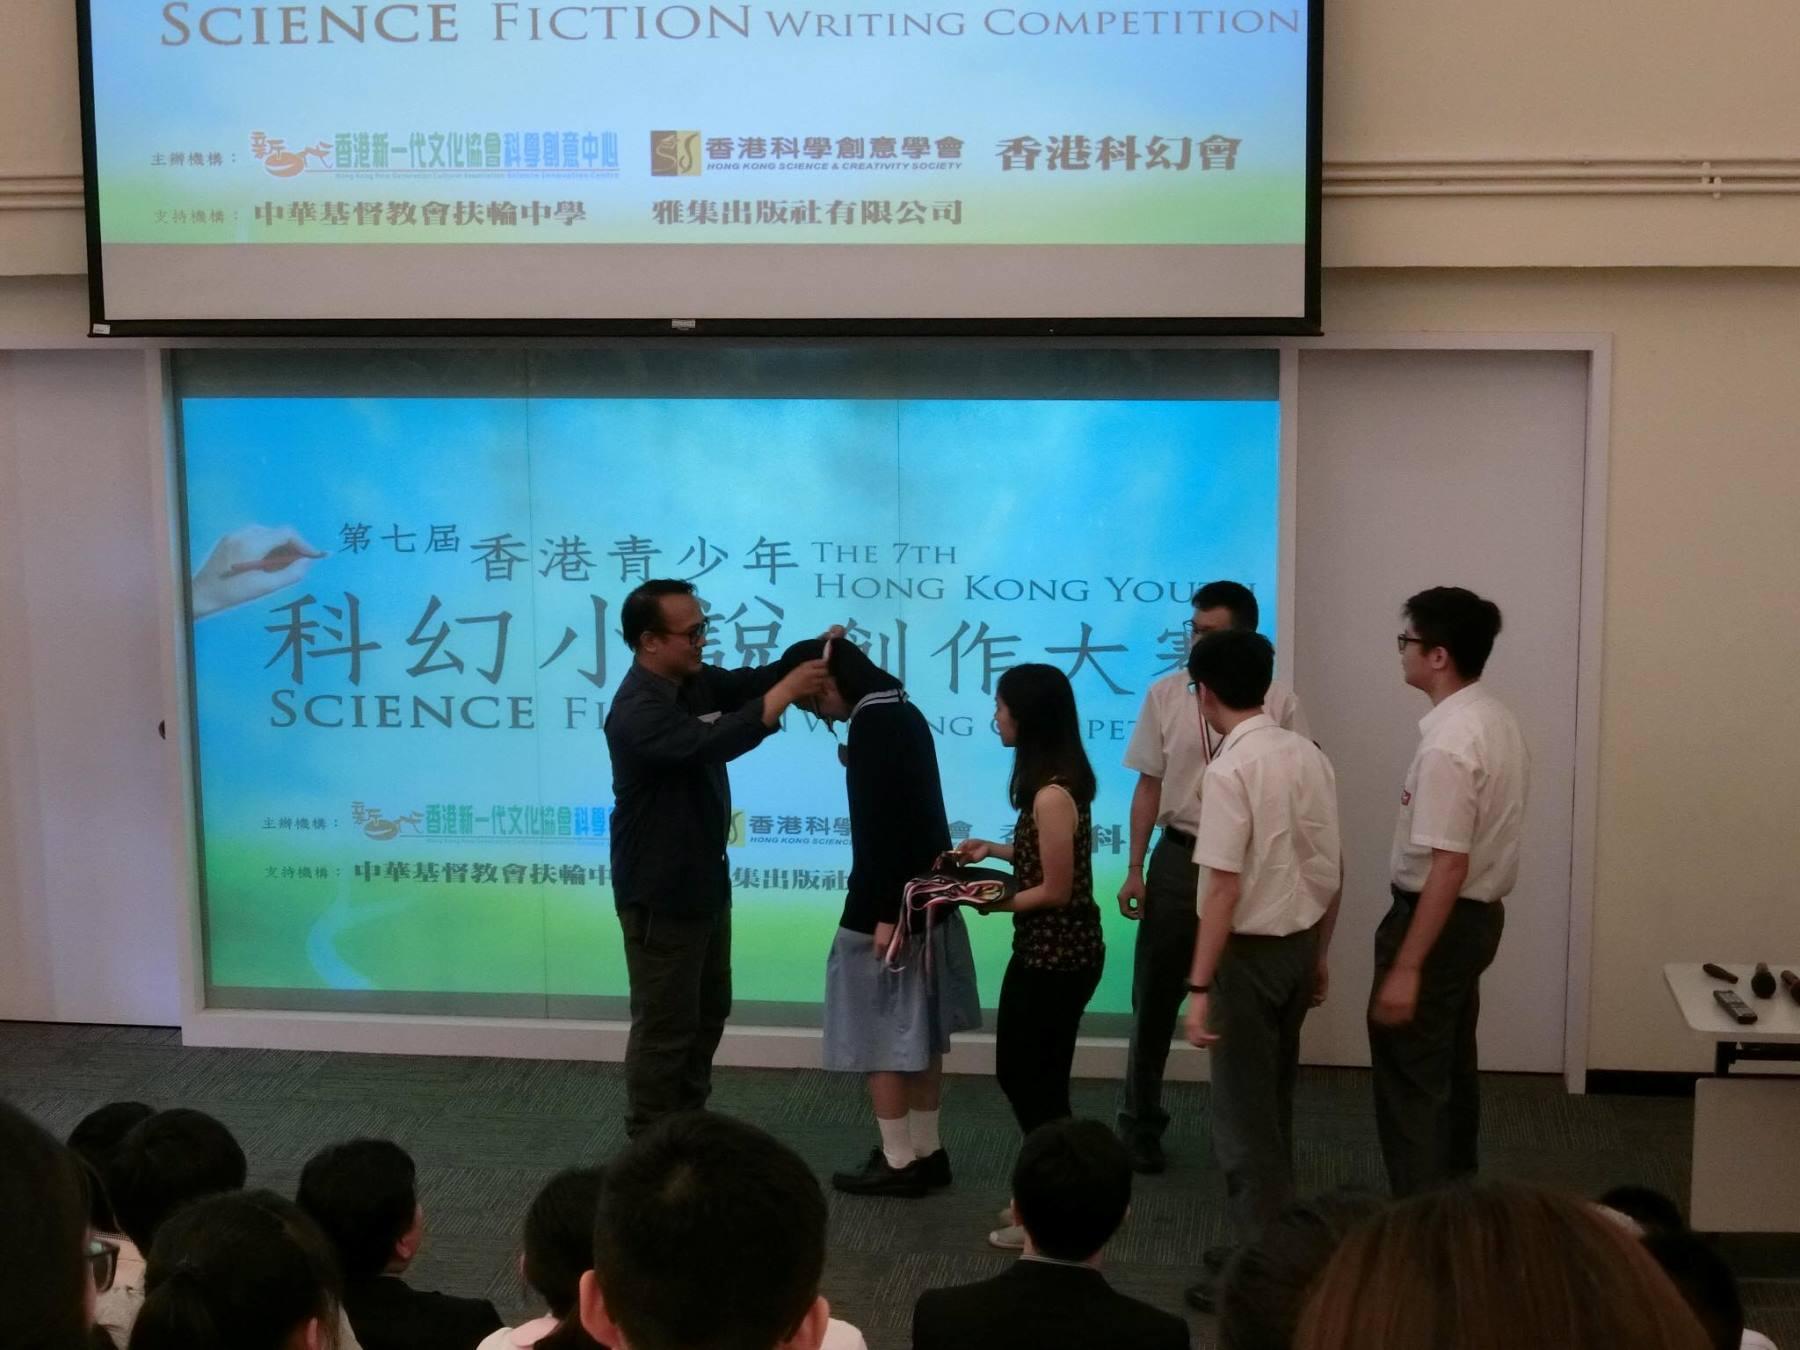 http://npc.edu.hk/sites/default/files/35089307_10216051546582143_5281237313538490368_n.jpg